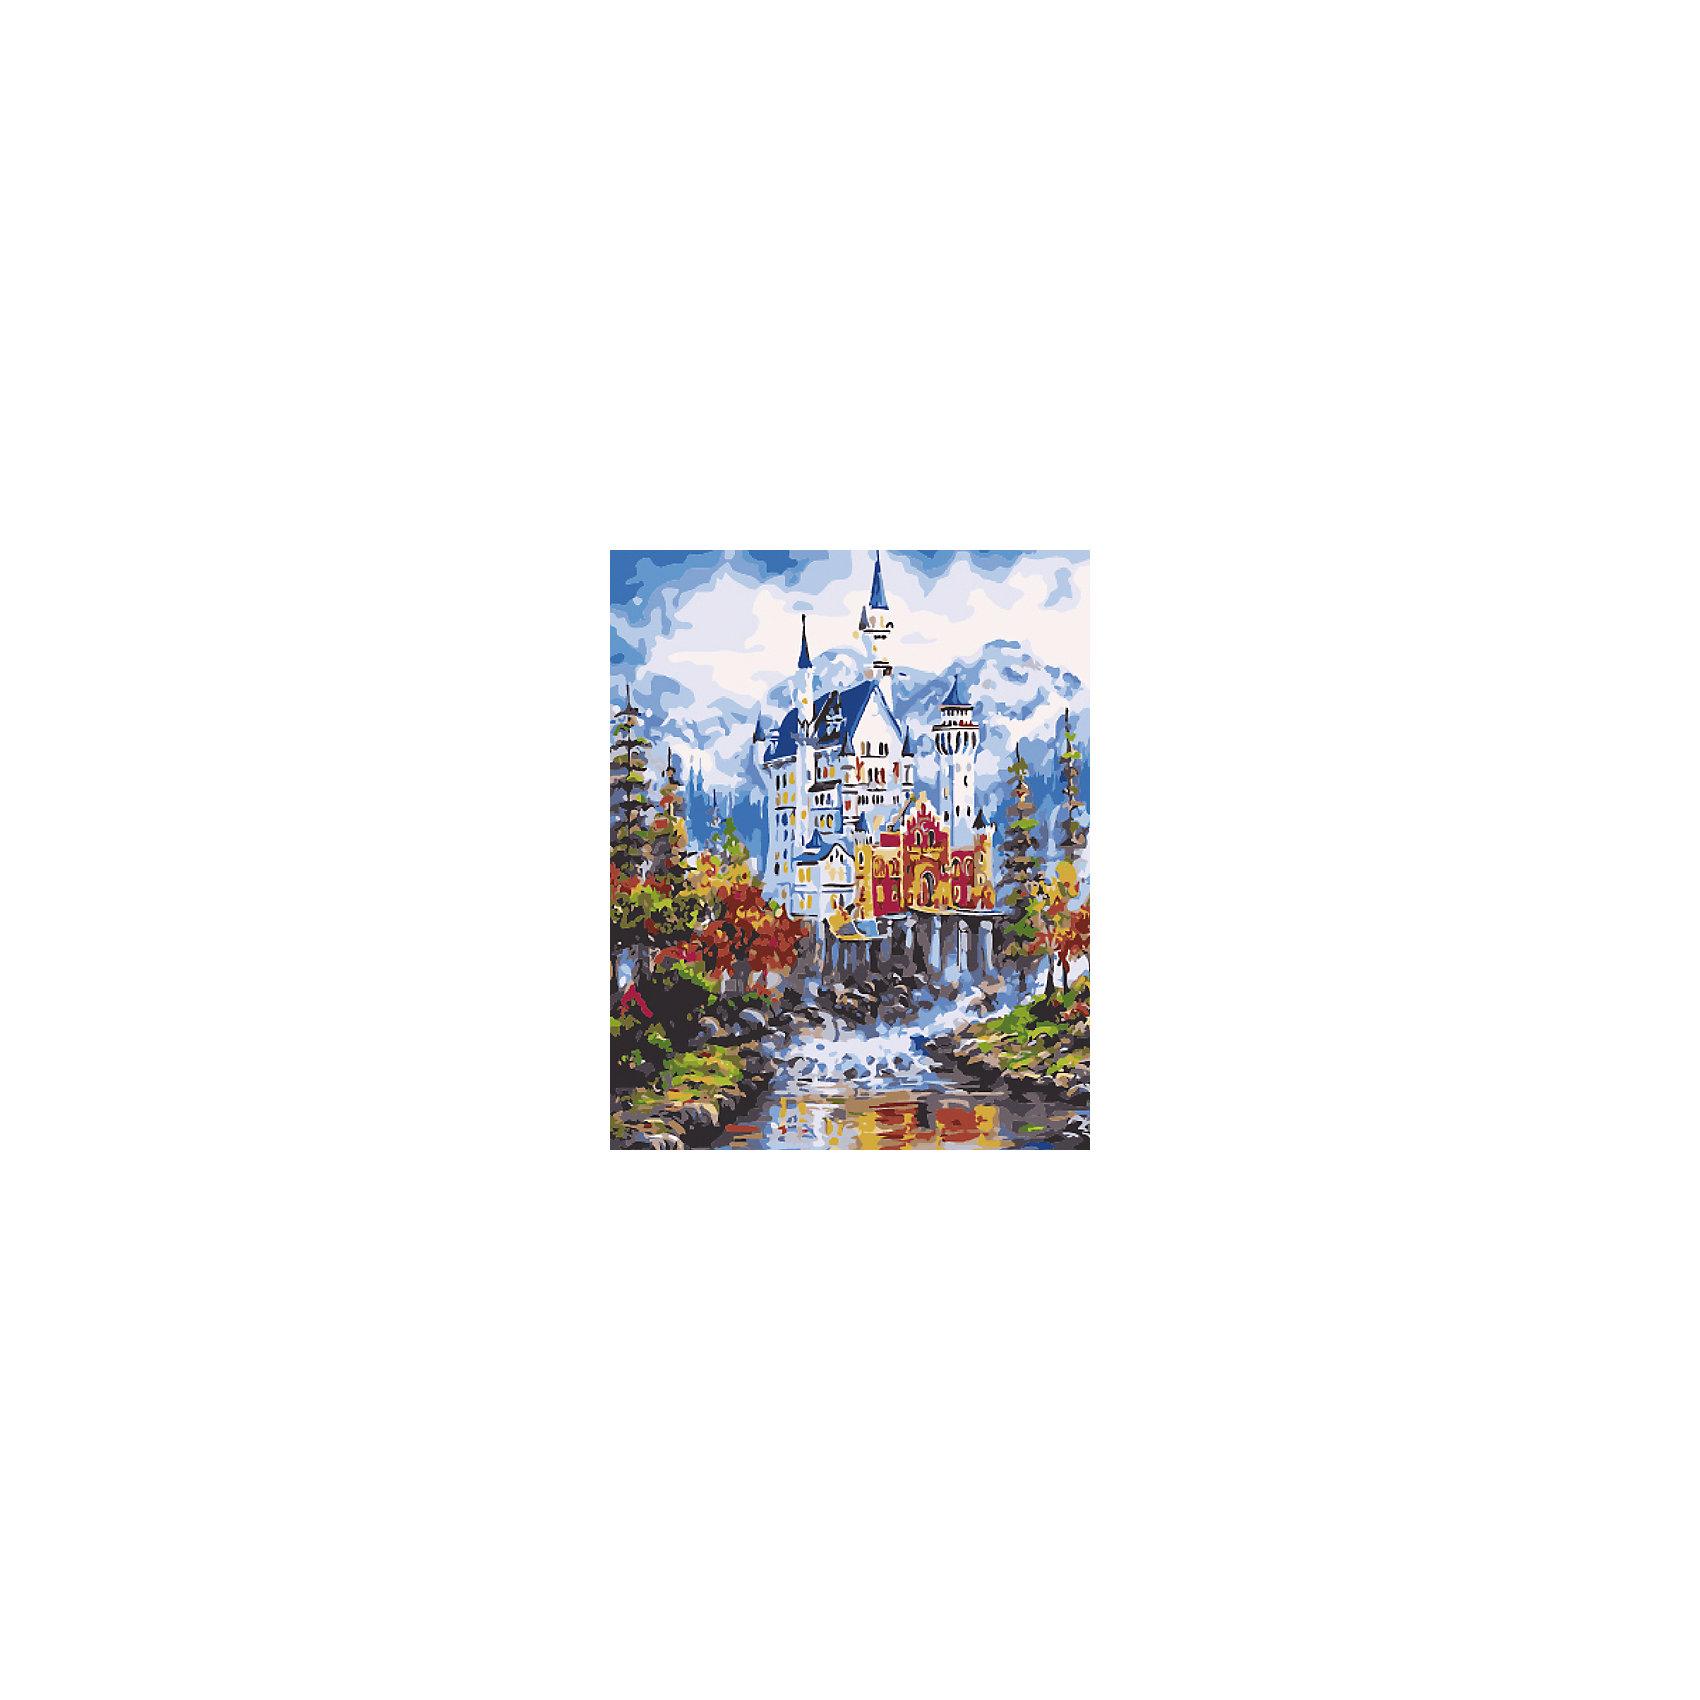 Холст с красками по номерам Величественный замок в горах 40х50 смРисование<br>замечательные наборы для создания уникального шедевра изобразительного искусства. Создание картин на специально подготовленной рабочей поверхности – это уникальная техника, позволяющая делать Ваши шедевры более яркими и реалистичными. Просто нанесите мазки на уже готовый эскиз и оживите картину! Готовые изделия могут стать украшением интерьера или прекрасным подарком близким и друзьям.<br><br>Ширина мм: 510<br>Глубина мм: 410<br>Высота мм: 25<br>Вес г: 900<br>Возраст от месяцев: 36<br>Возраст до месяцев: 108<br>Пол: Унисекс<br>Возраст: Детский<br>SKU: 5096754